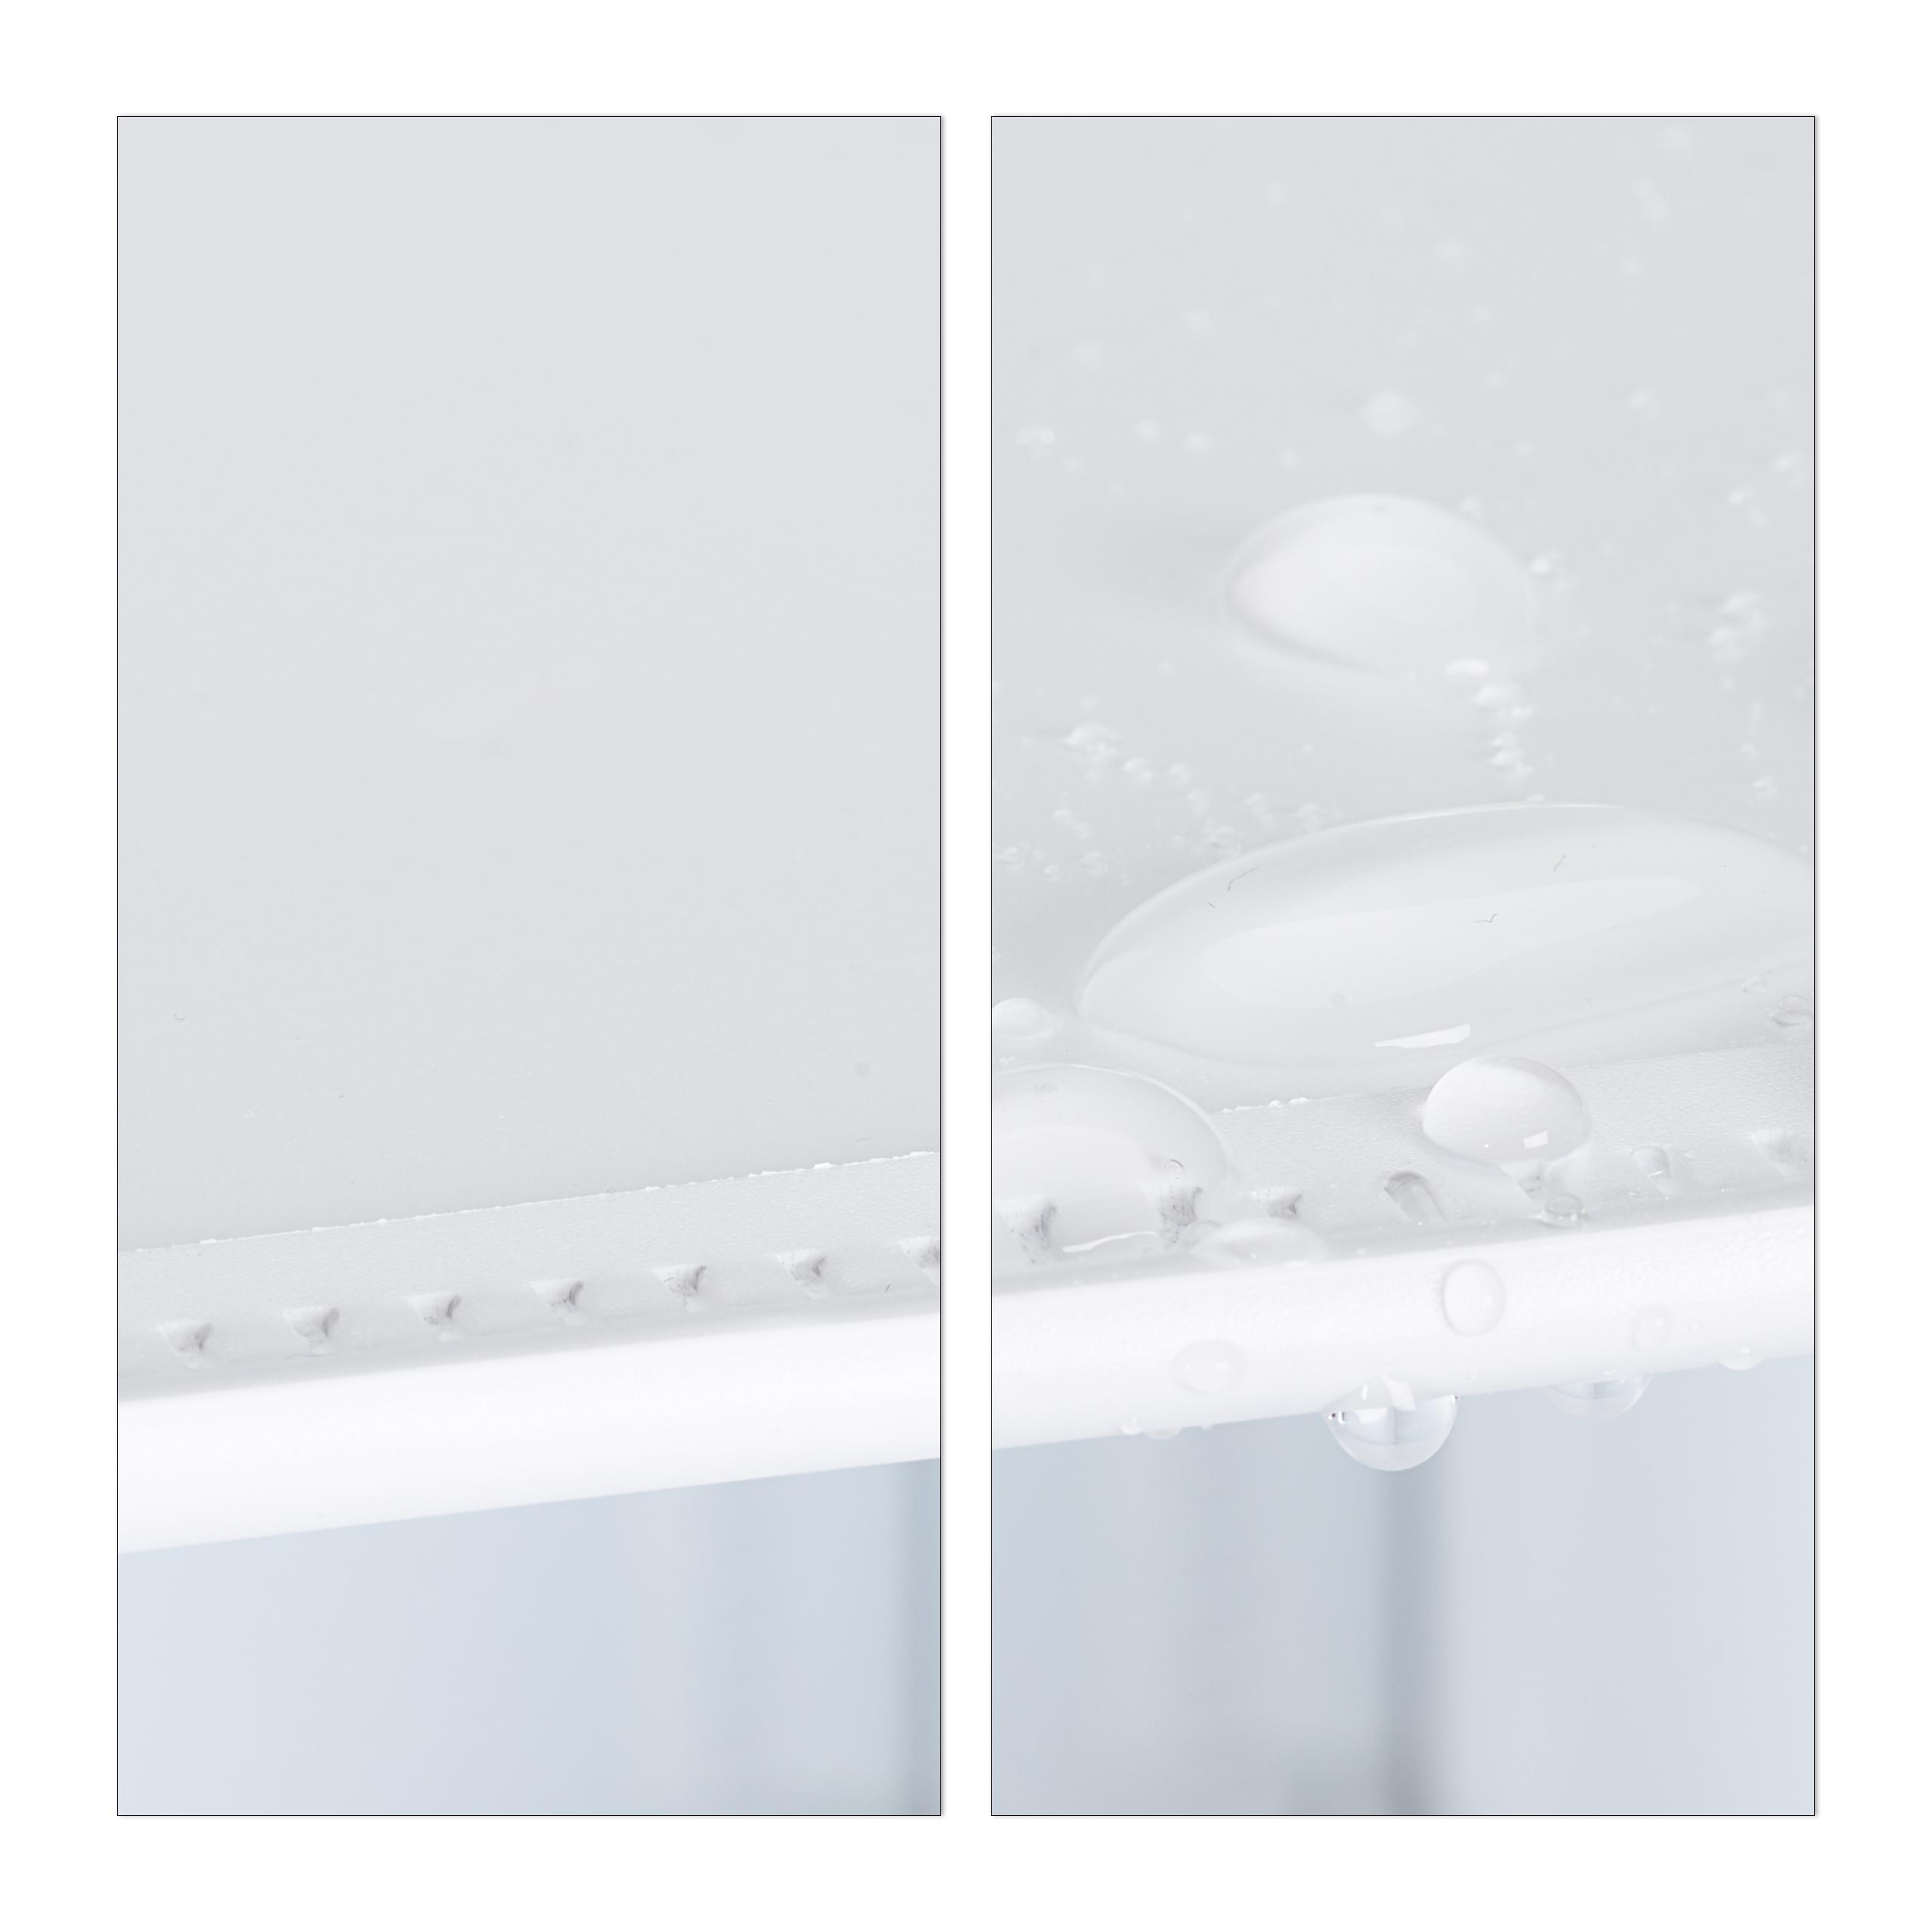 Steckregal-Standregal-Regalsystem-Stufenregal-Garderobe-Schuhregal-Schrank Indexbild 24